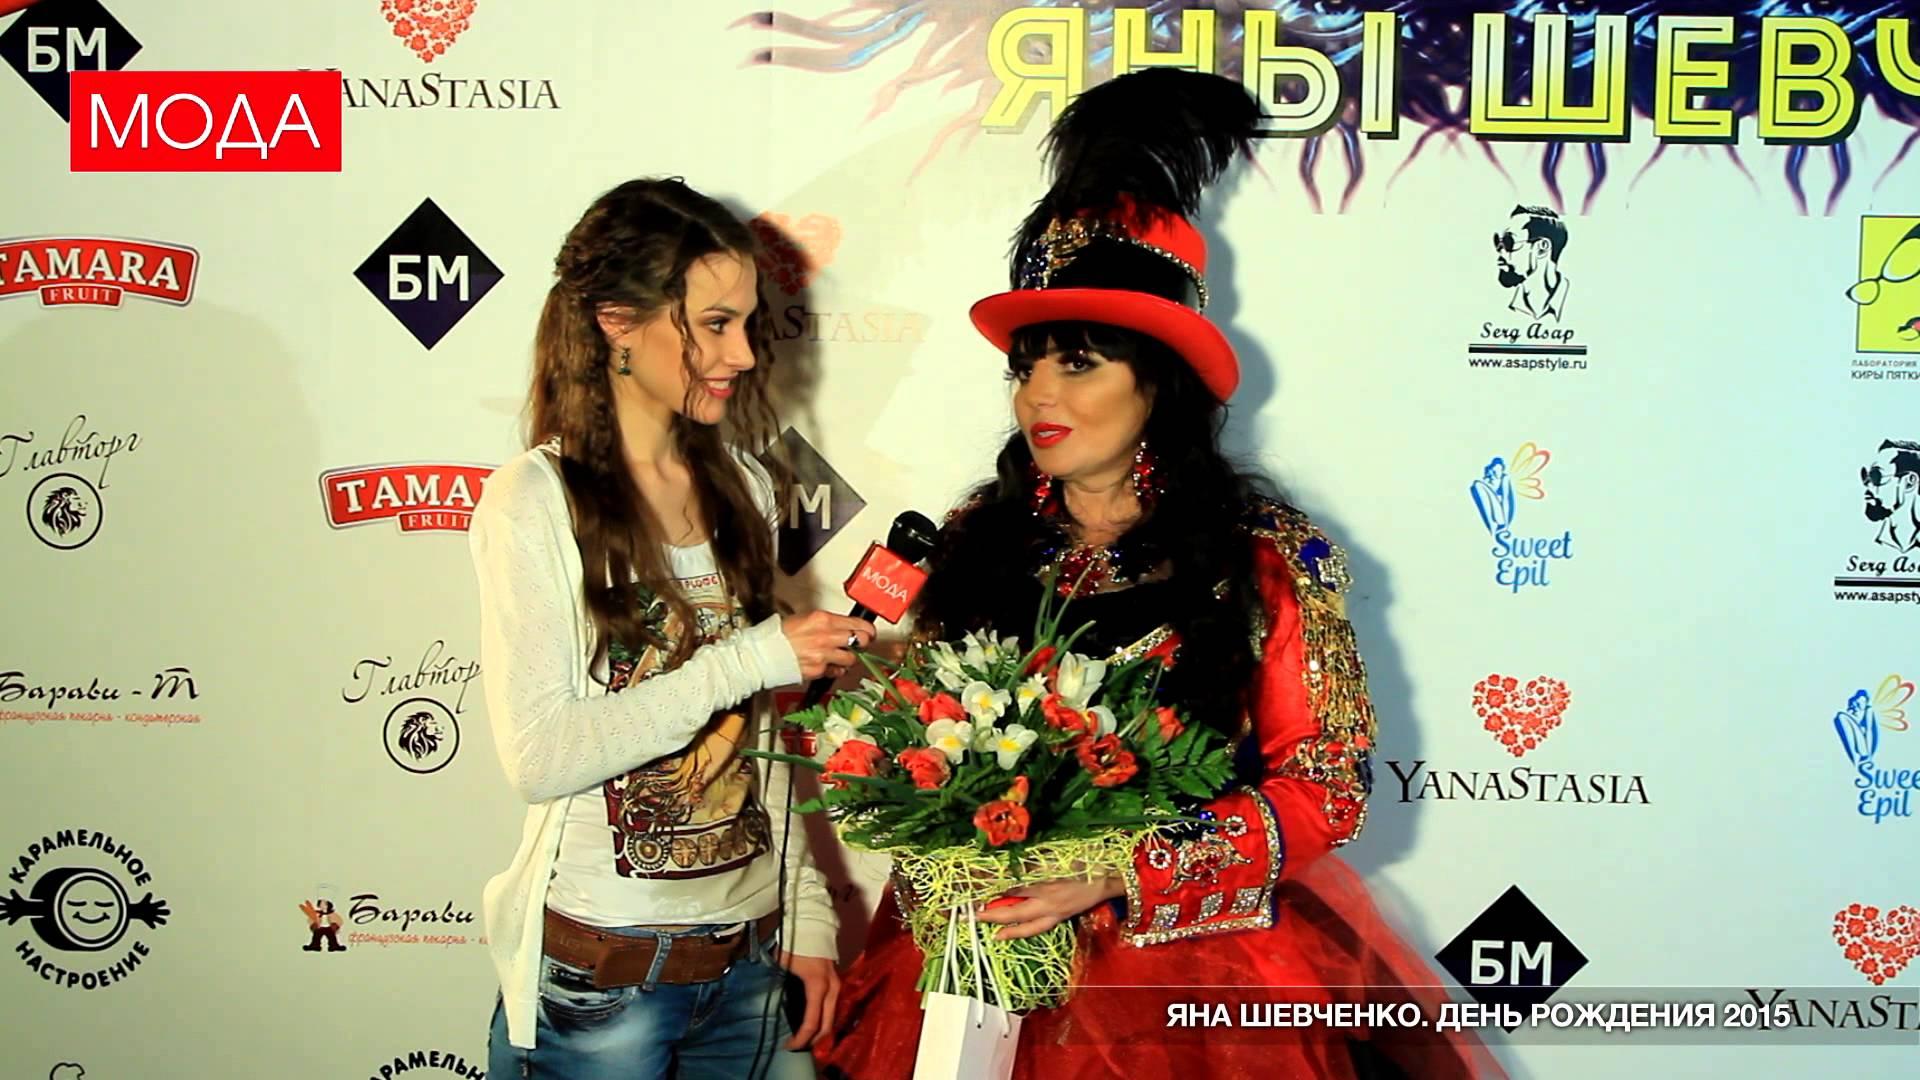 Анастасия Шевченко: Анастасия и Яна Шевченко